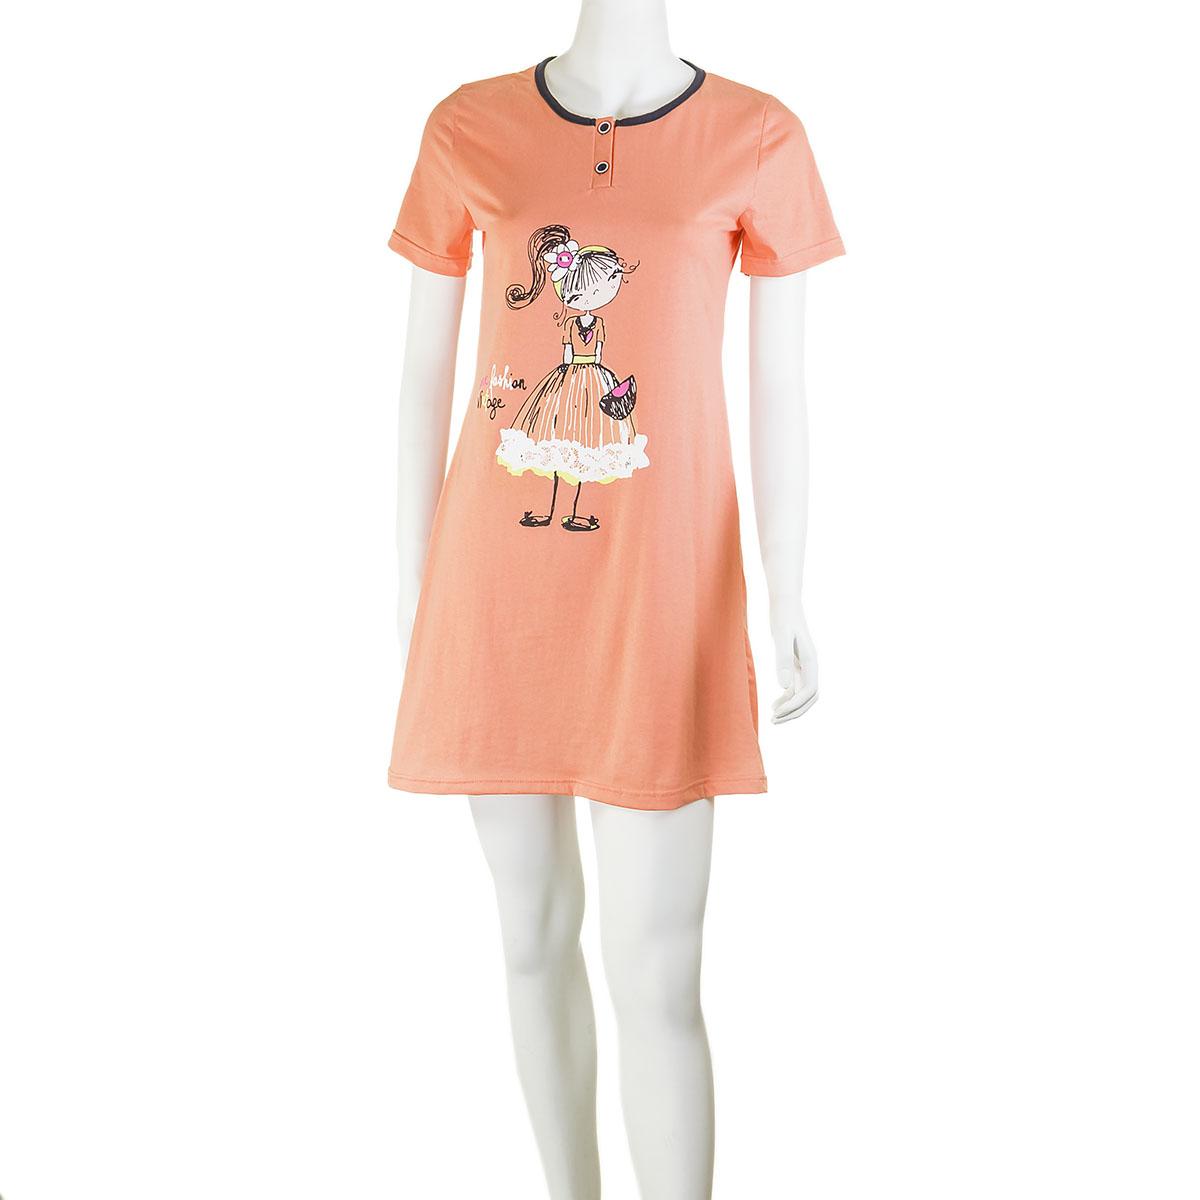 Женская сорочка Девочка Персиковый, размер 56Пижамы и ночные сорочки<br>Обхват груди:112 см<br>Обхват талии:95 см<br>Обхват бедер:120 см<br>Длина по спинке:90 см<br>Рост:164-170 см<br><br>Тип: Жен. сорочка<br>Размер: 56<br>Материал: Кулирка